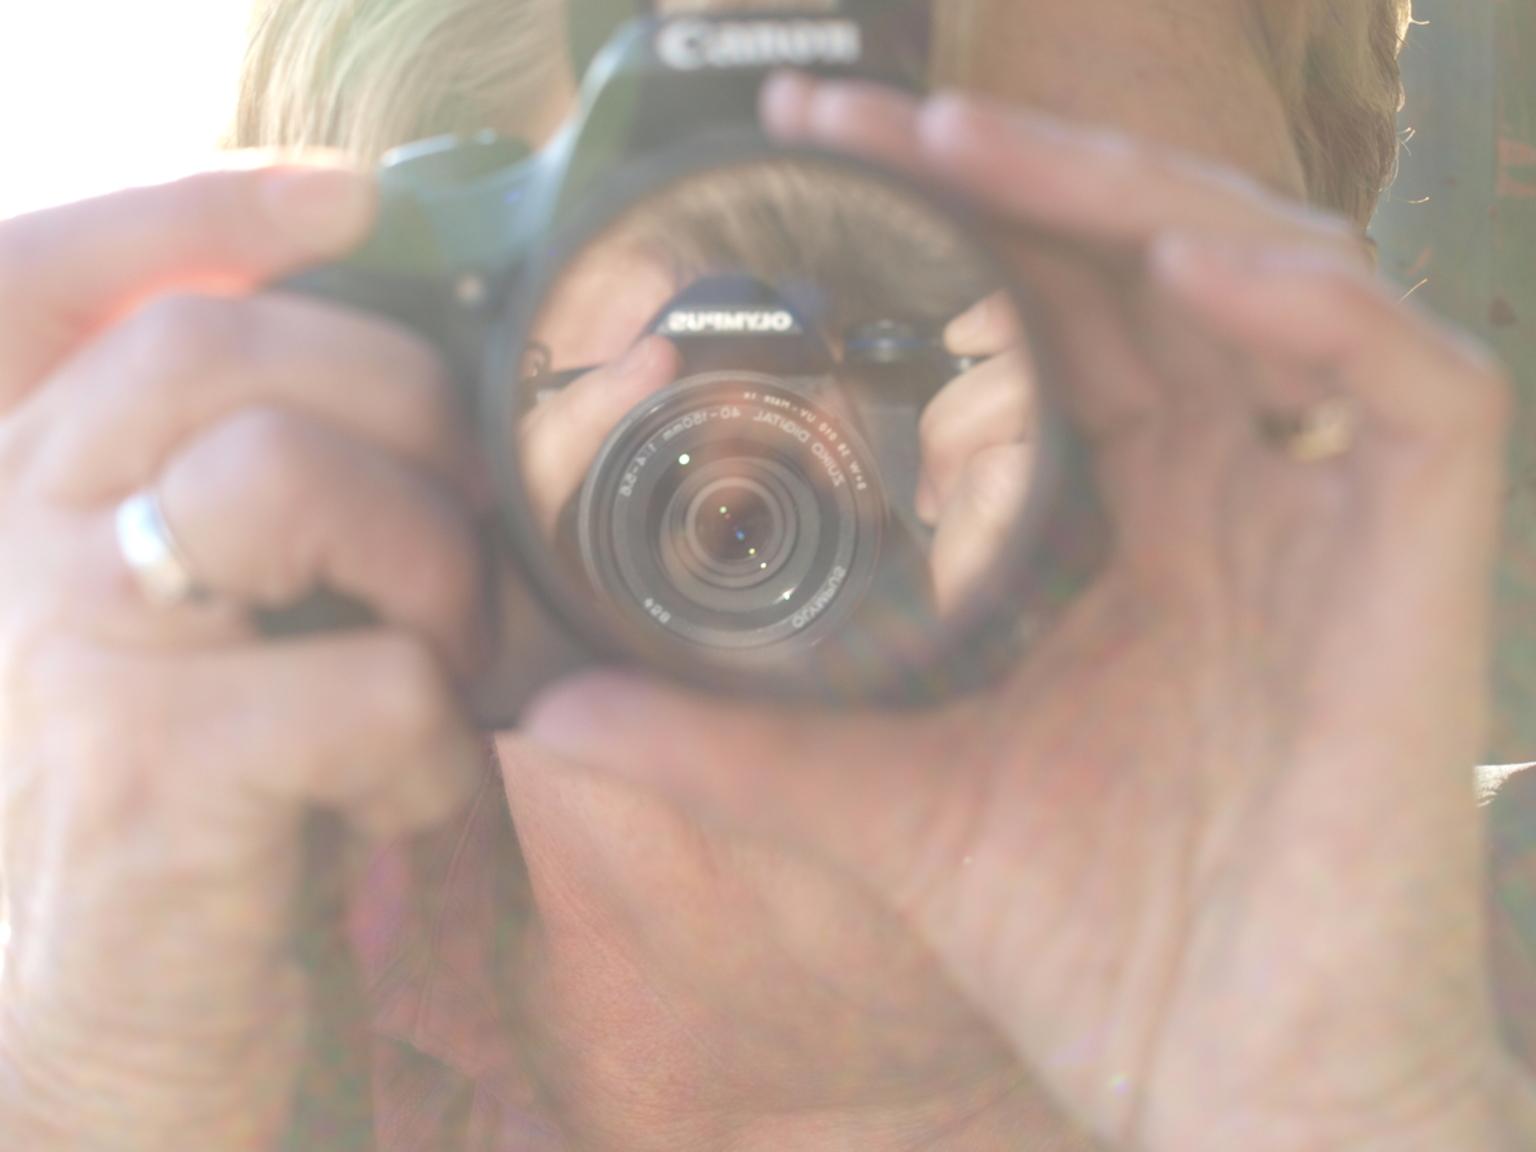 foto van een lens in een lens. - Foto van een lens in een lens. Kwalitatief misschien geen hoogstandje, maar ik vind hem wel leuk. - foto door willemijn1302 op 28-10-2008 - deze foto bevat: lens, fototoestel, canon, twee, lenzen, olympus, e520